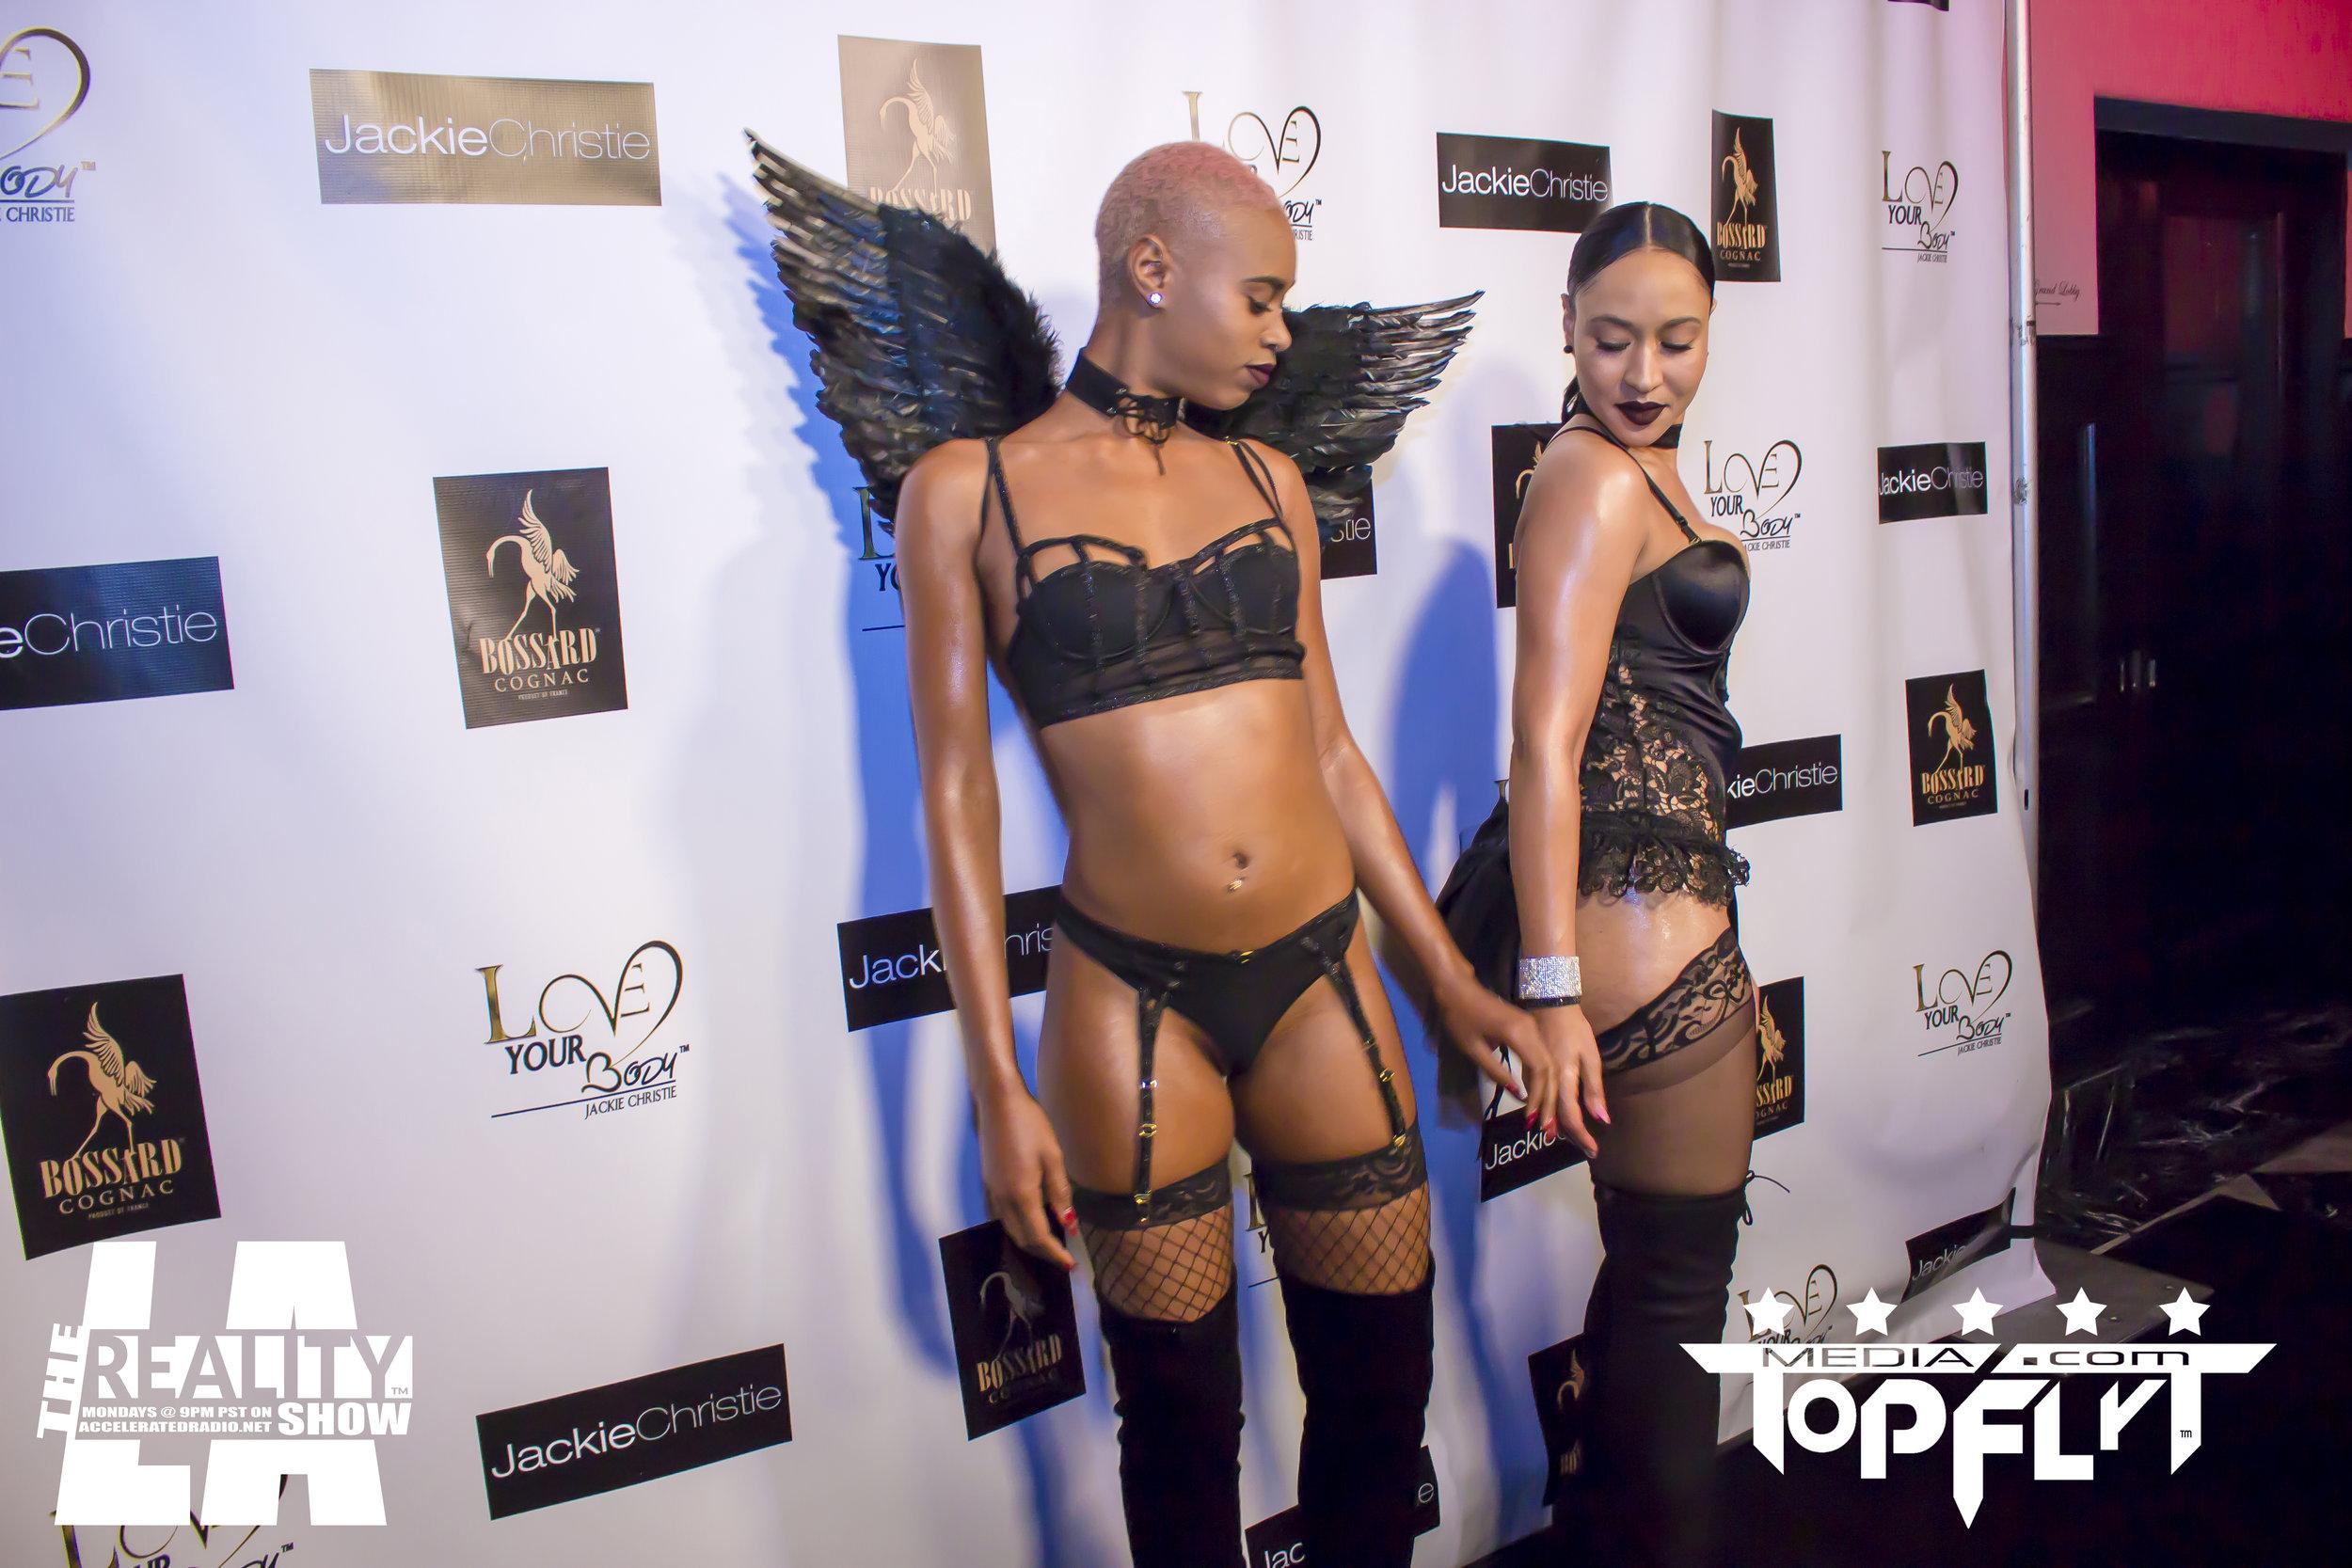 The Reality Show LA - Jackie Christie_30.jpg